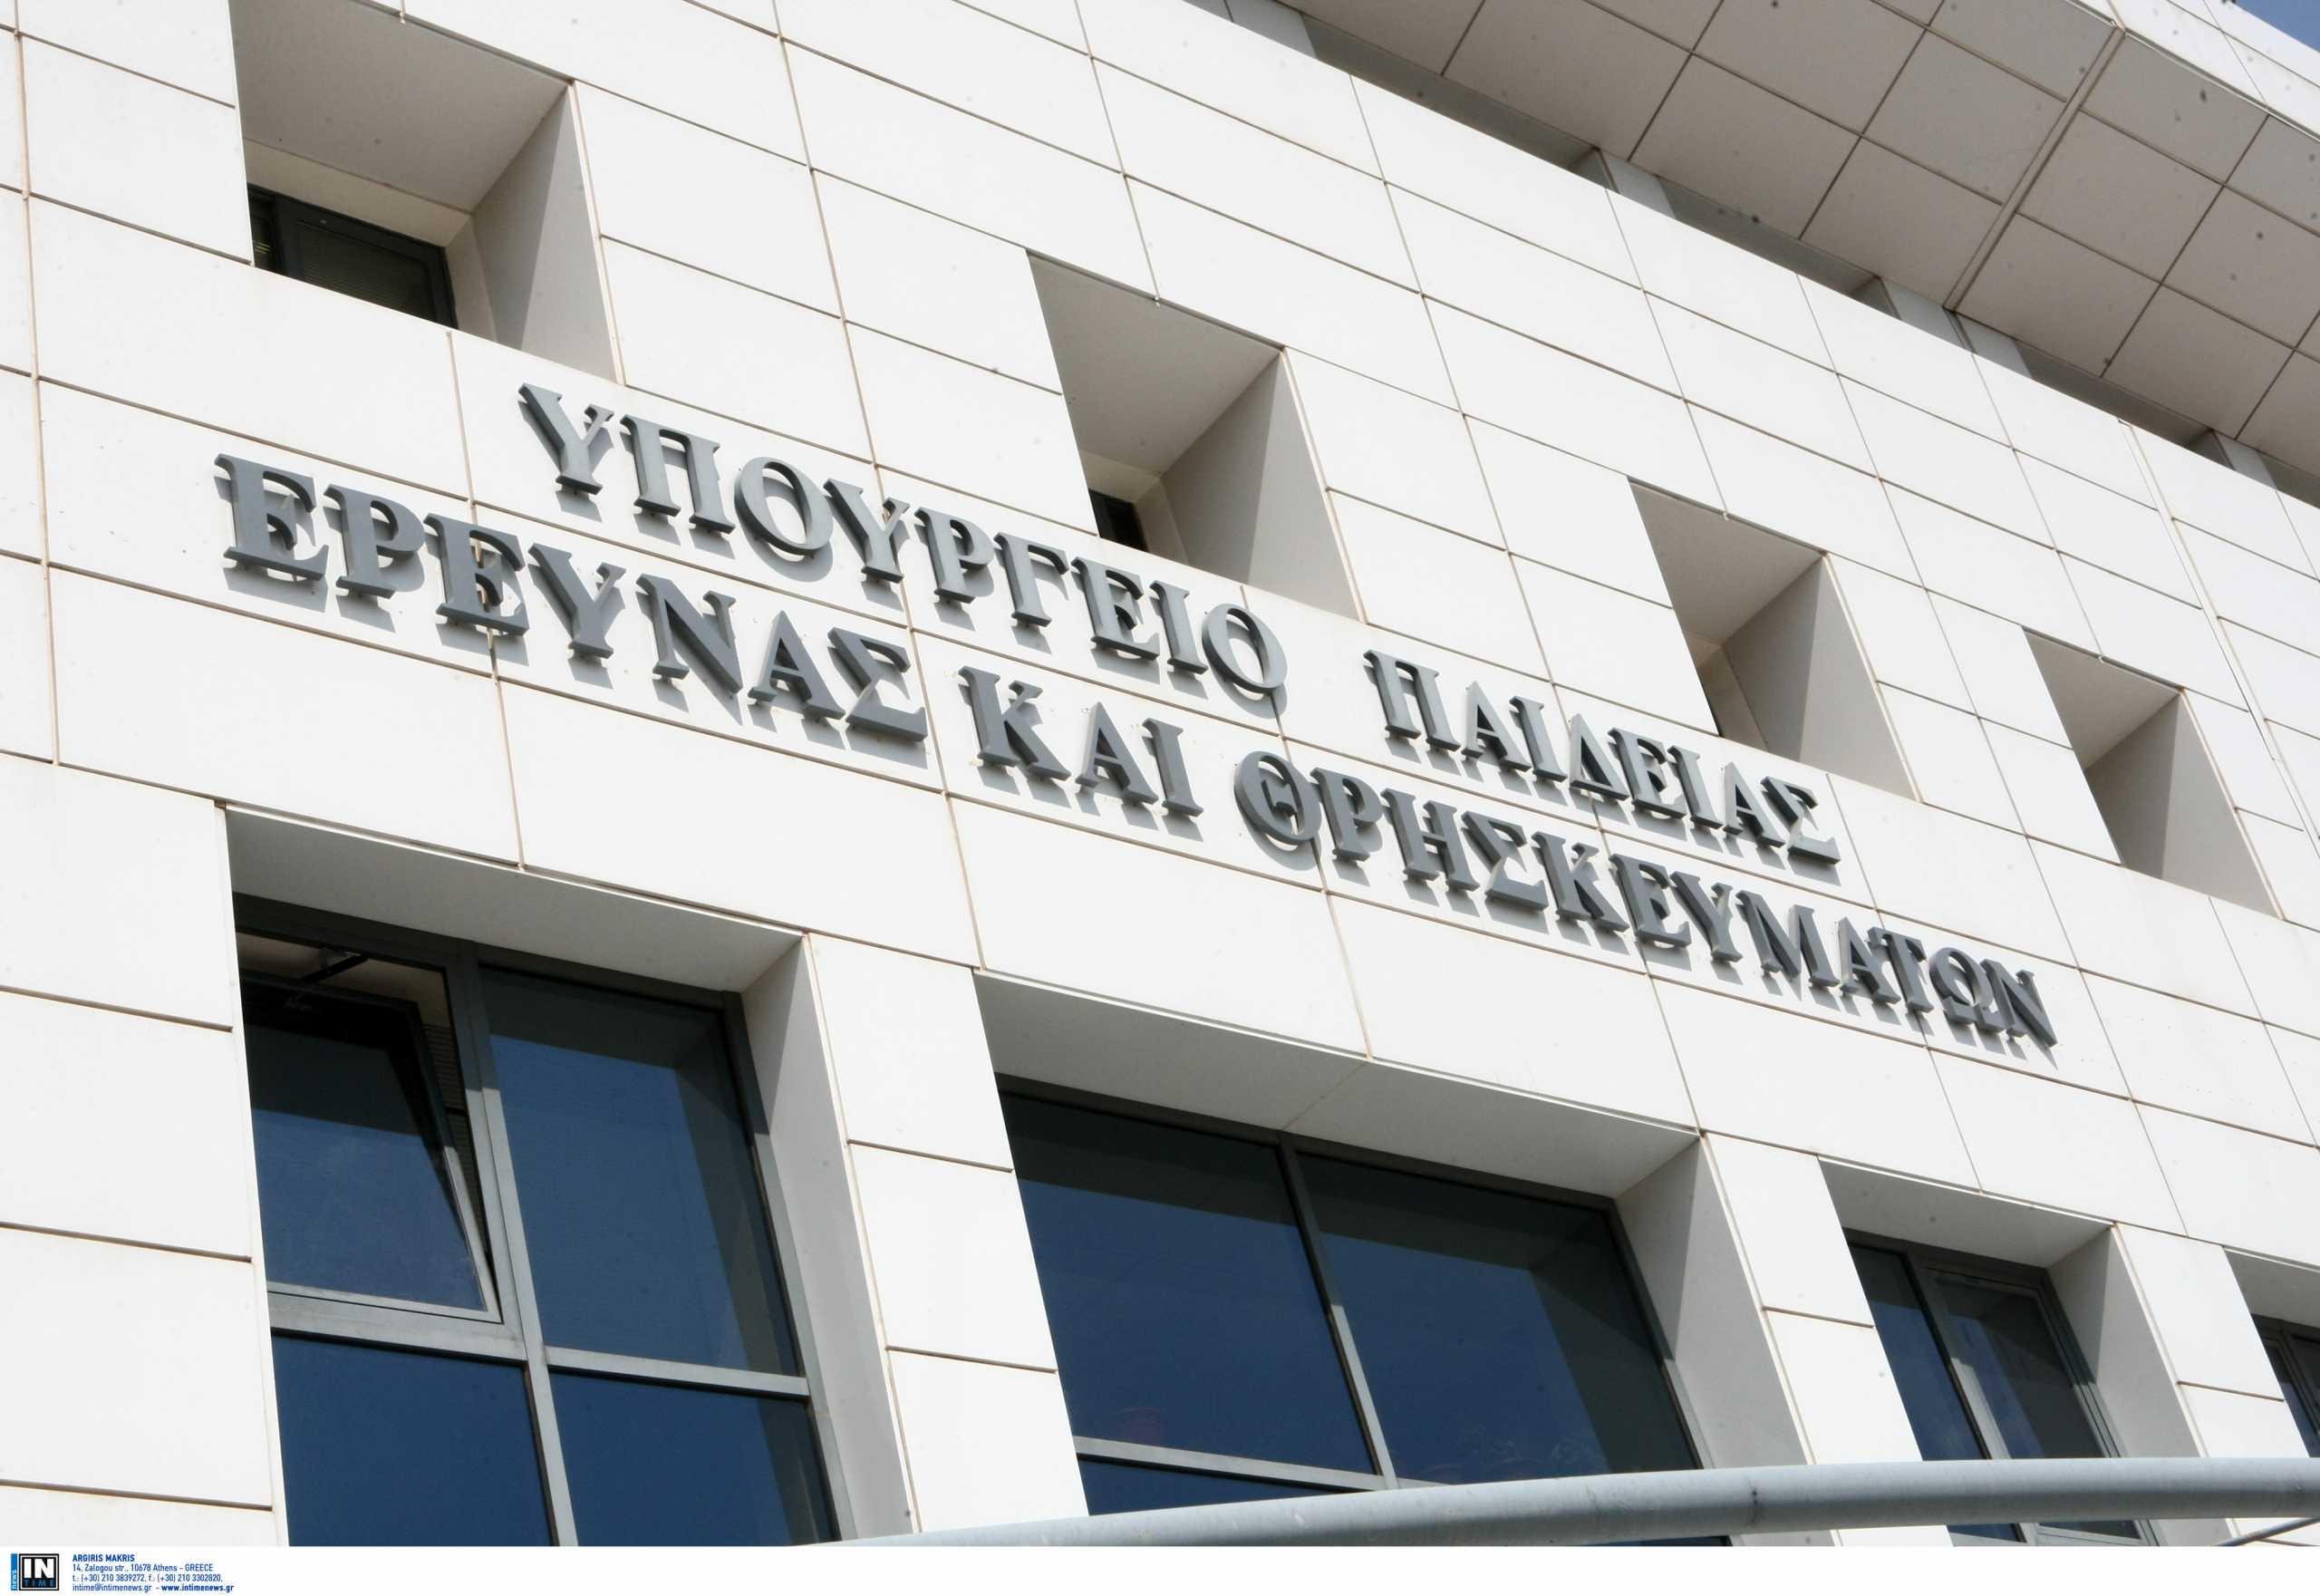 Υπουργείο Παιδείας: Κατηγορεί τον ΣΥΡΙΖΑ για fake news, ψέματα και λαϊκισμό